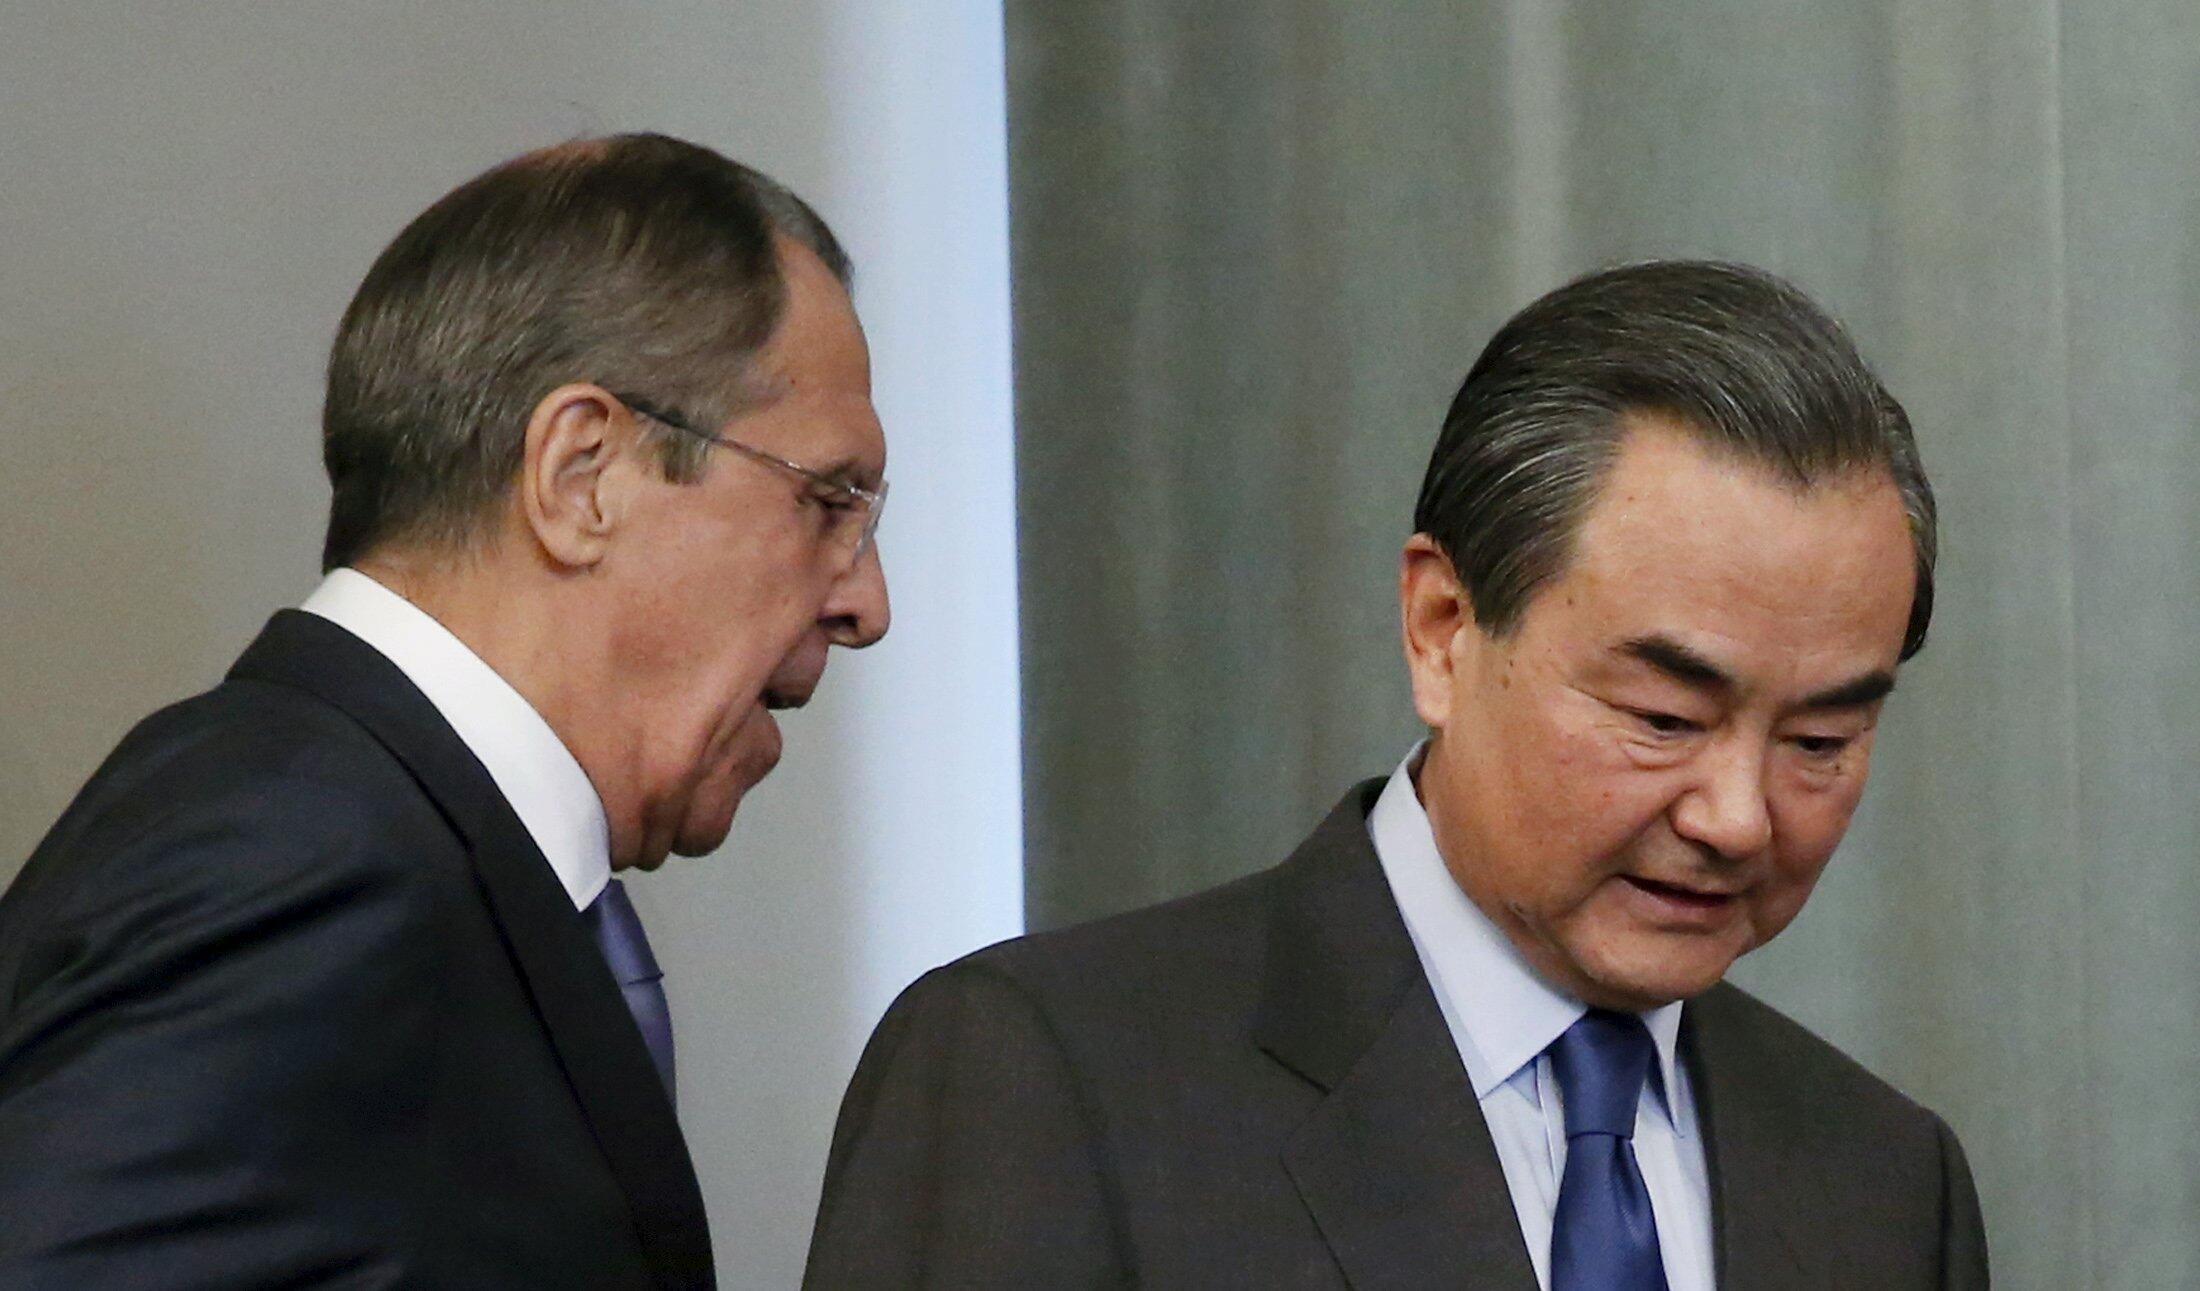 Ngoại trưởng Nga Serguei Lavrov (T) và đồng nhiệm Trung Quốc Vương Nghị dự cuộc họp báo chung tại Matxcơva ngày 18/04/2016.